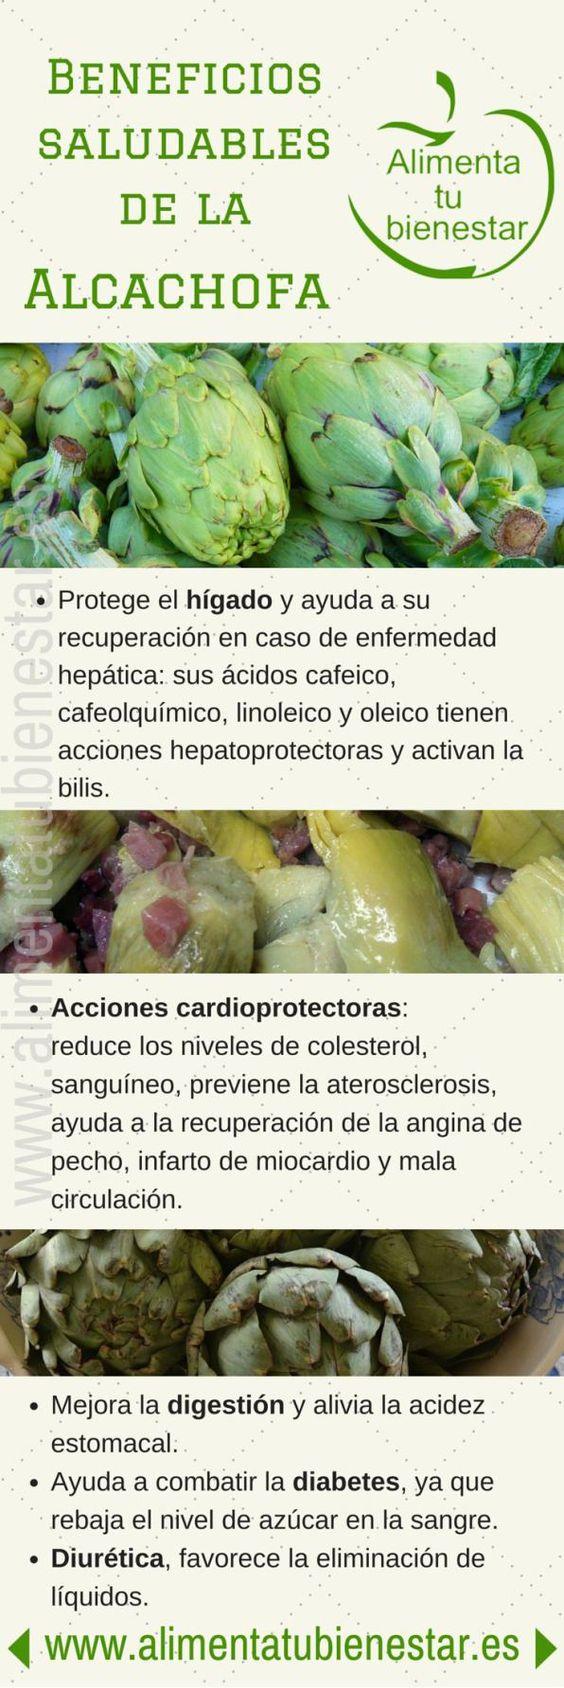 Beneficios para la salud de la alcachofa